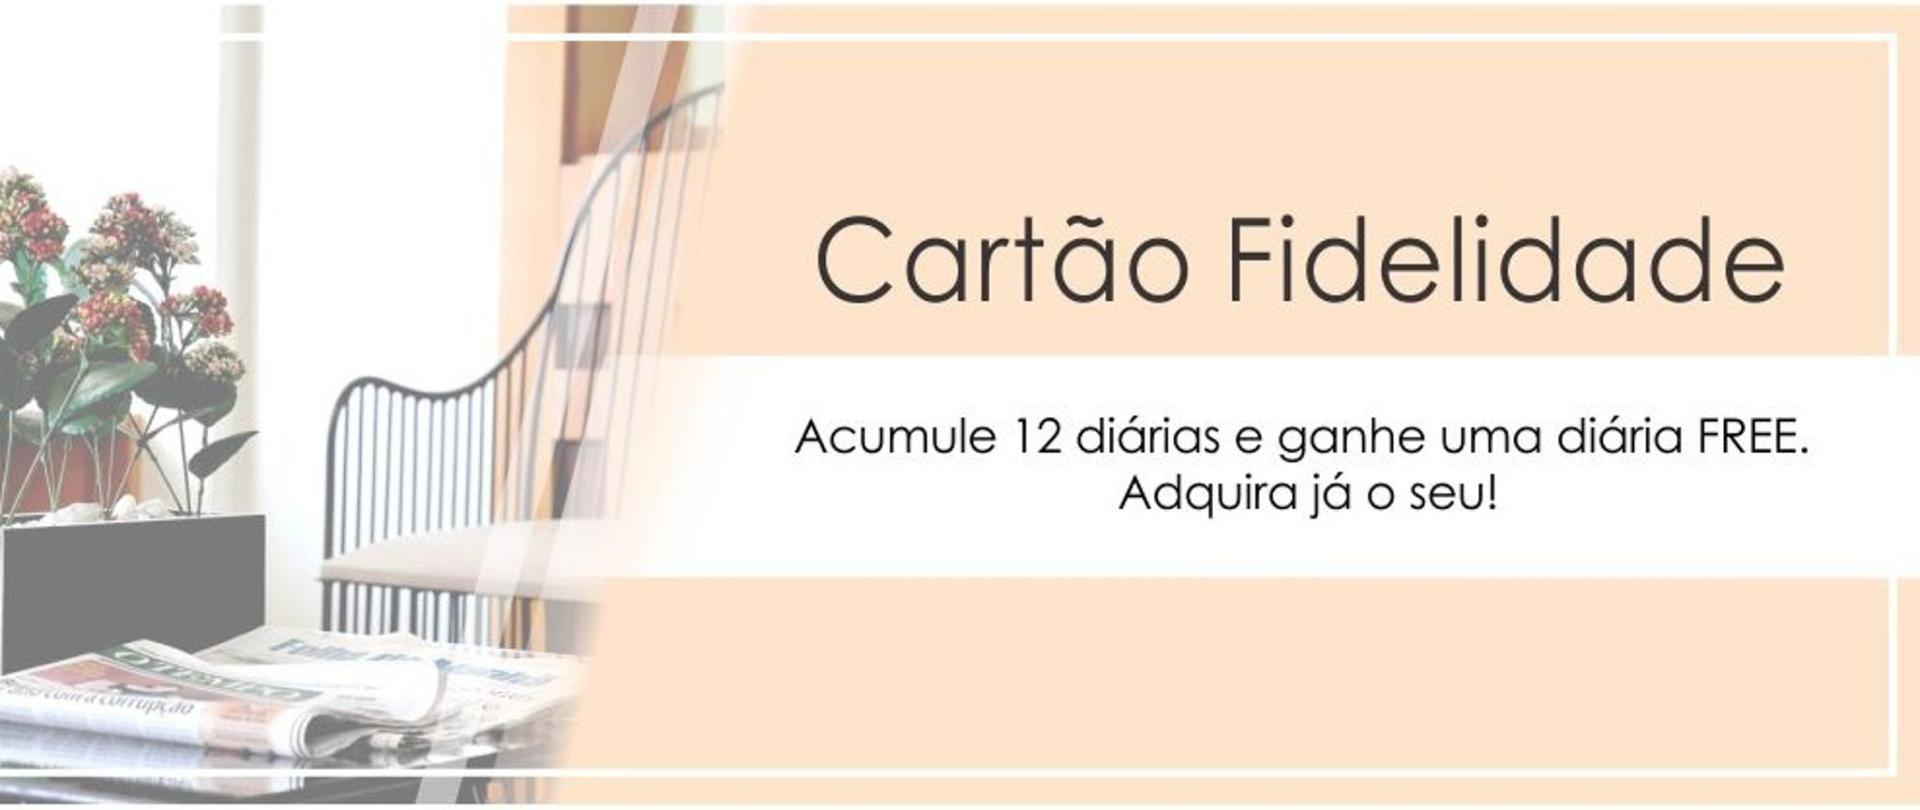 Promocao 2019 Cartão Fidelidade2.jpg